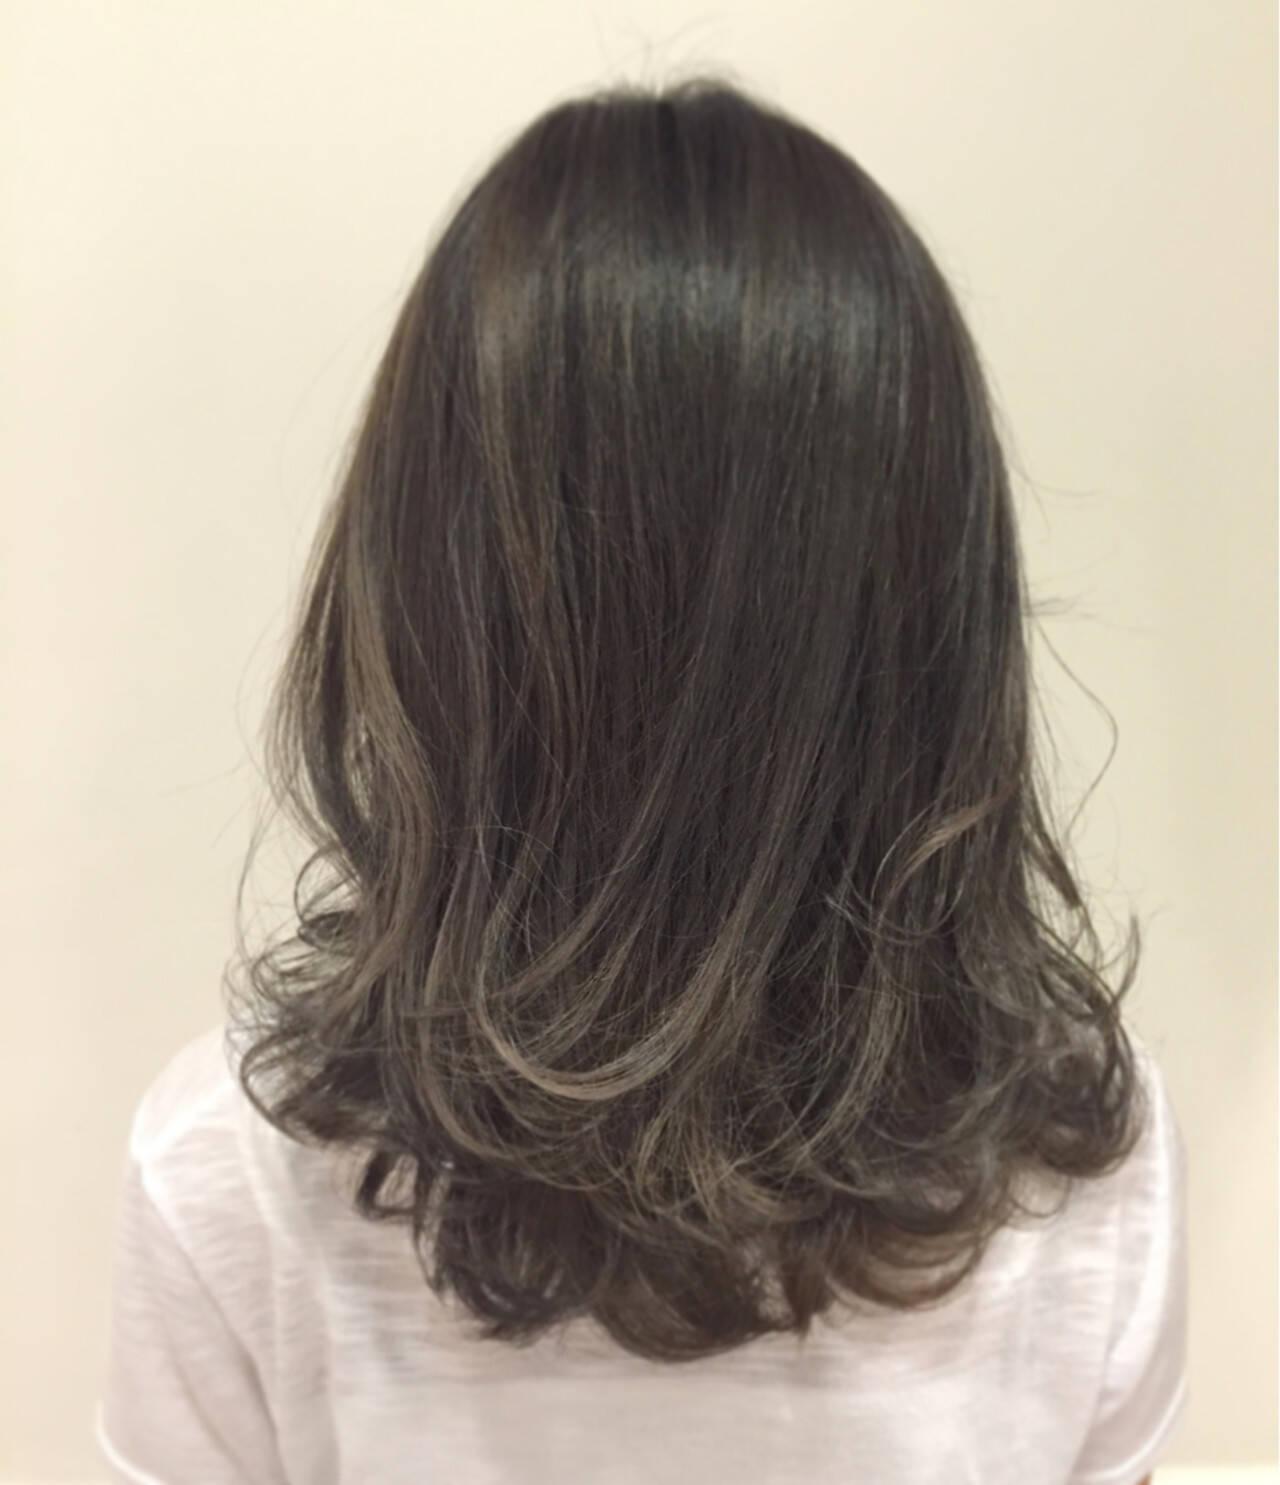 アッシュ ストリート アッシュグレー 暗髪ヘアスタイルや髪型の写真・画像